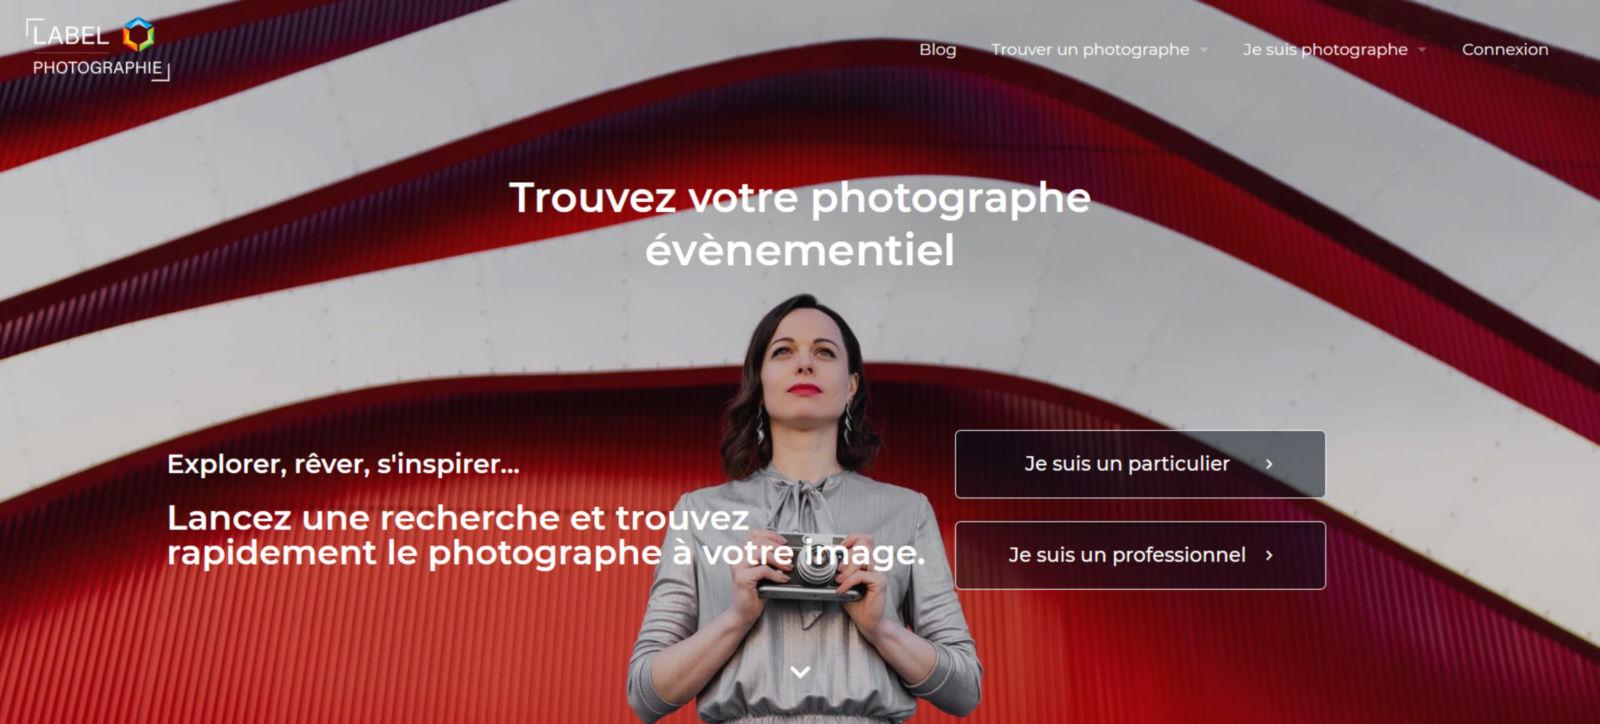 label-photographie-communaute-photographes-professionnels-interface-alternative-plateformes-accueil